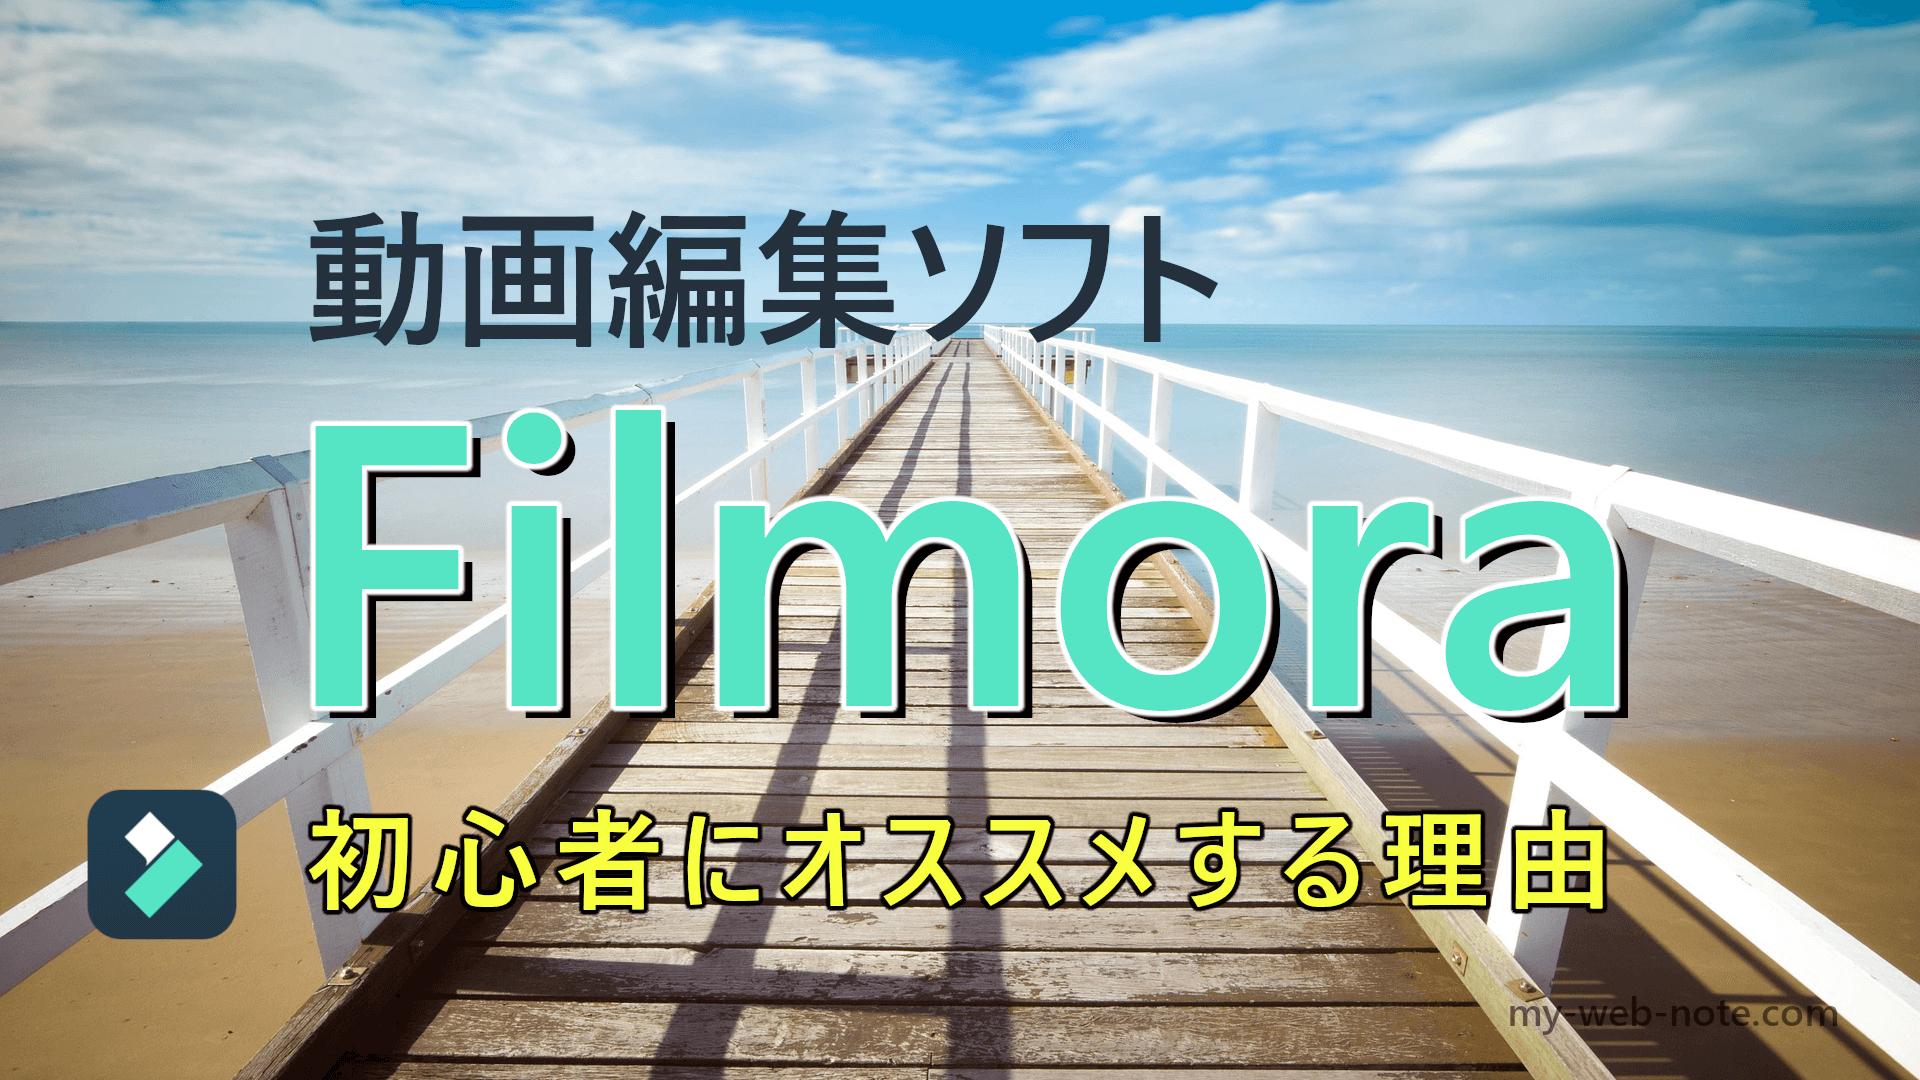 【初心者向け】動作編集ソフト『Filmora(フィモーラ)』をオススメする理由